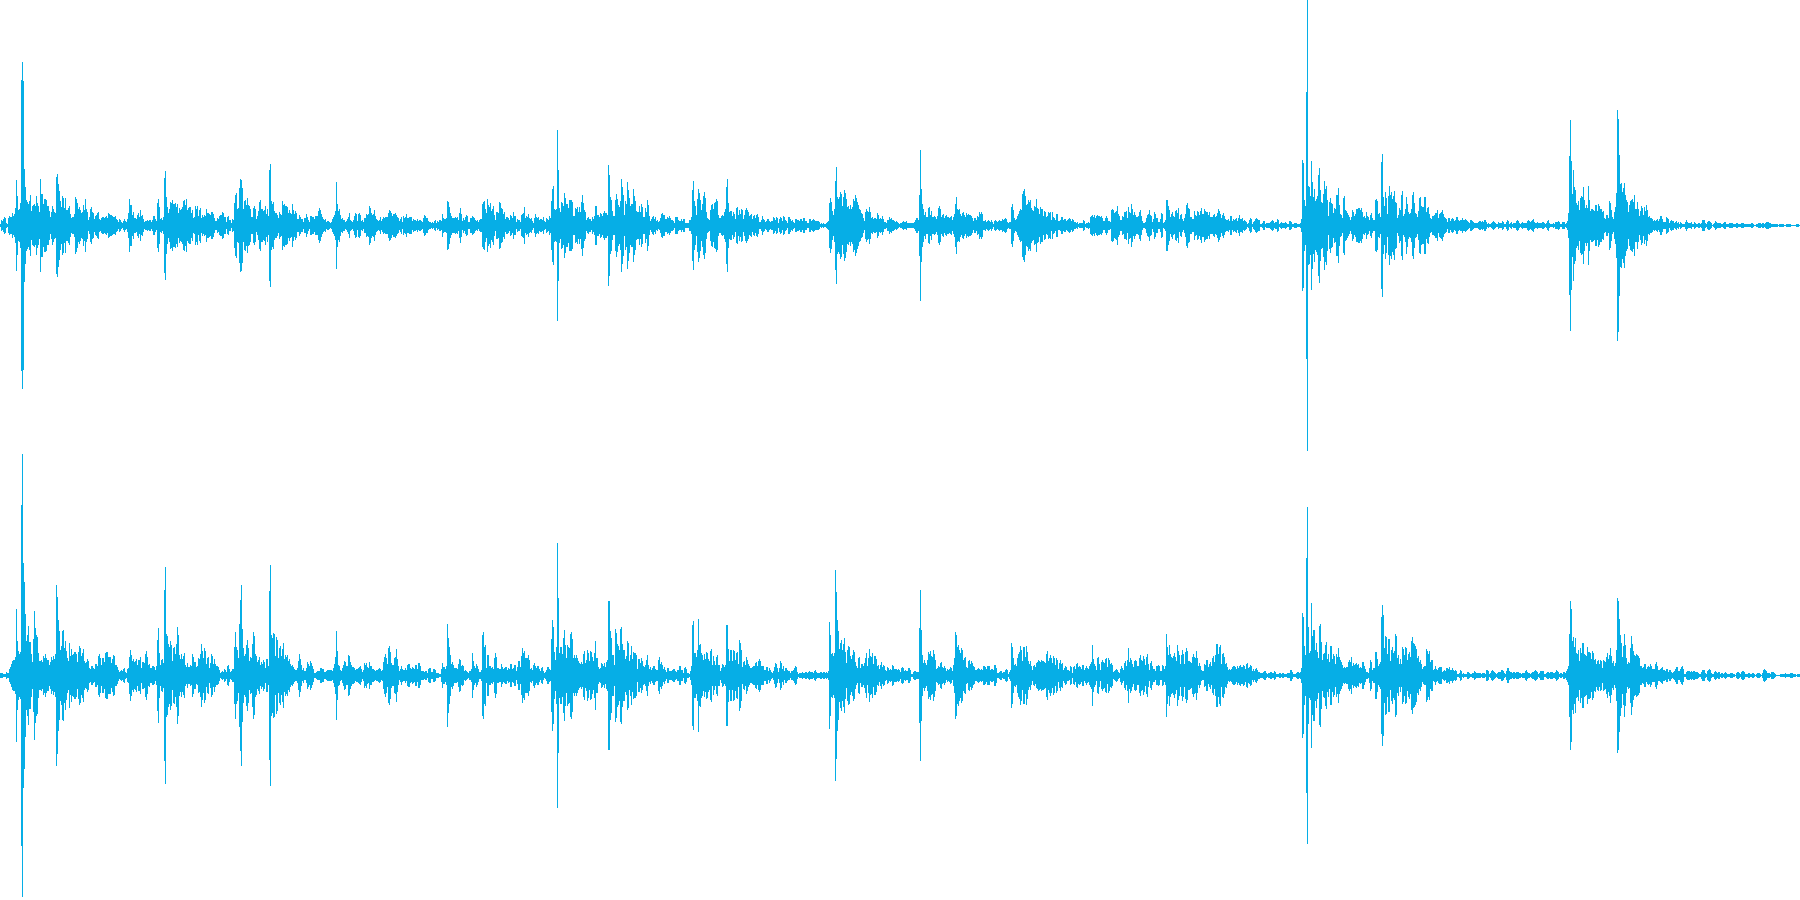 キーボードをタイピングするリアル効果音7の再生済みの波形